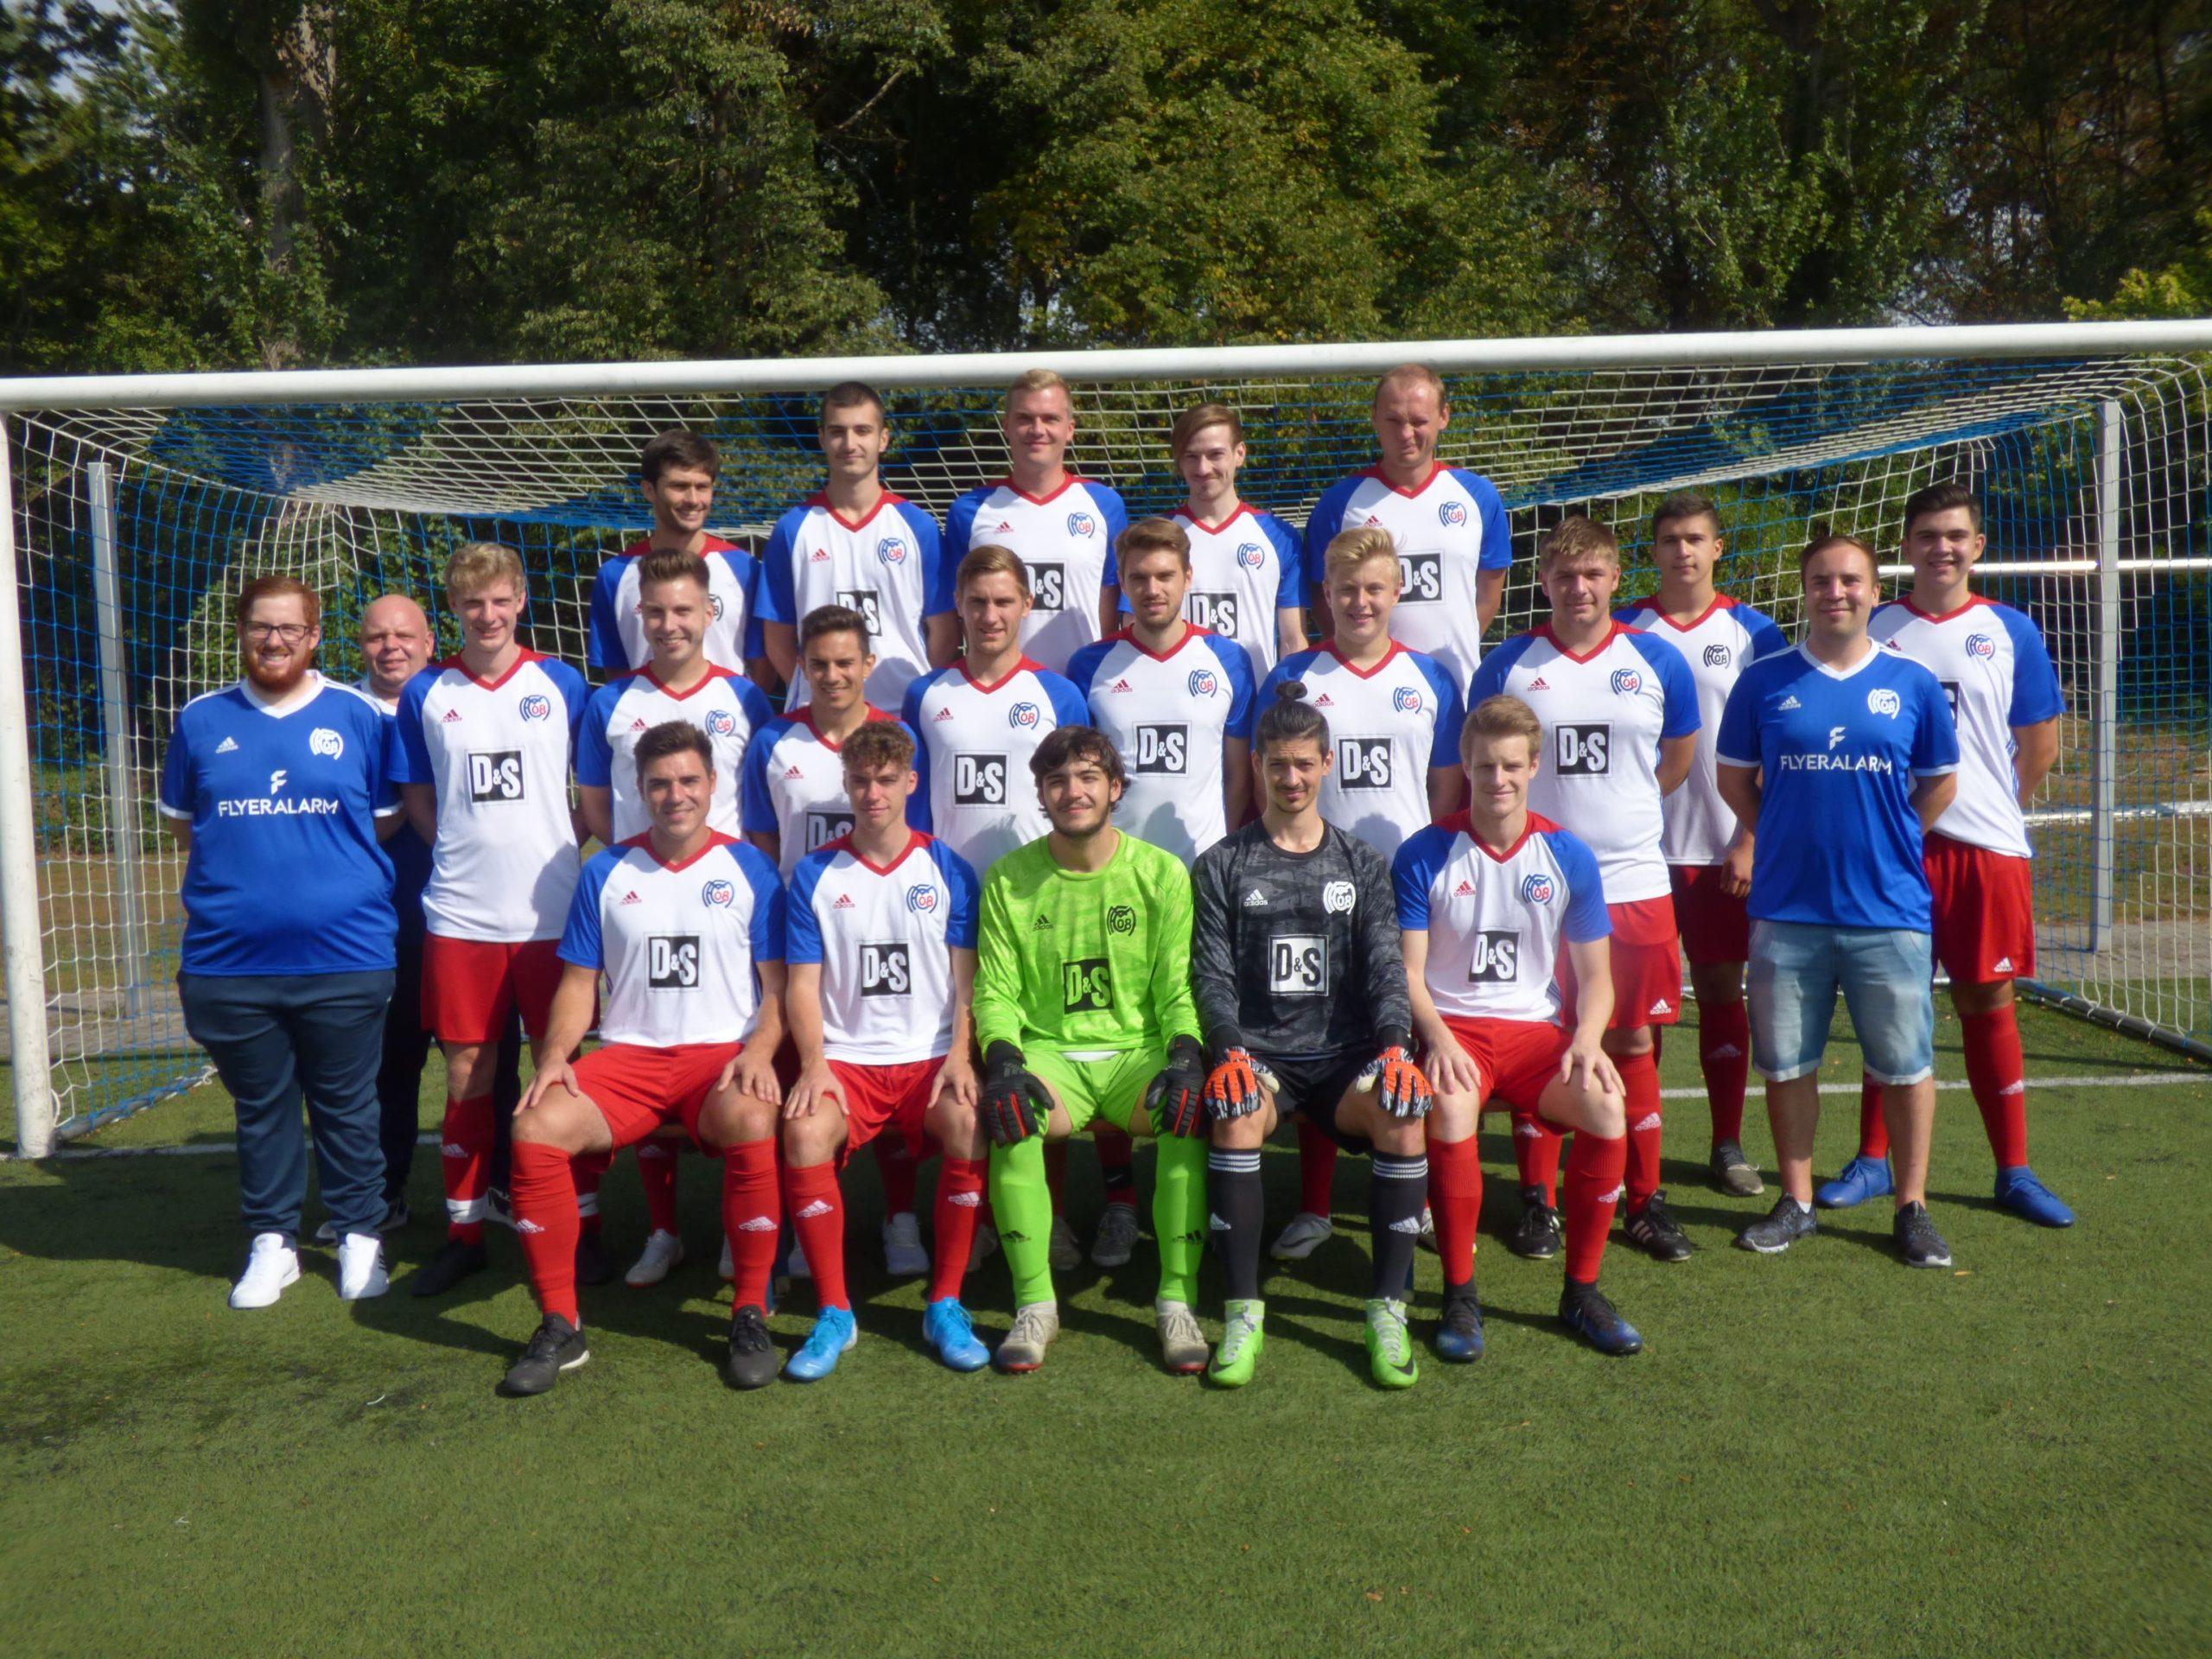 MFC 08 Lindenhof 2 – SV Altlußheim 2 19:0 (10:0)